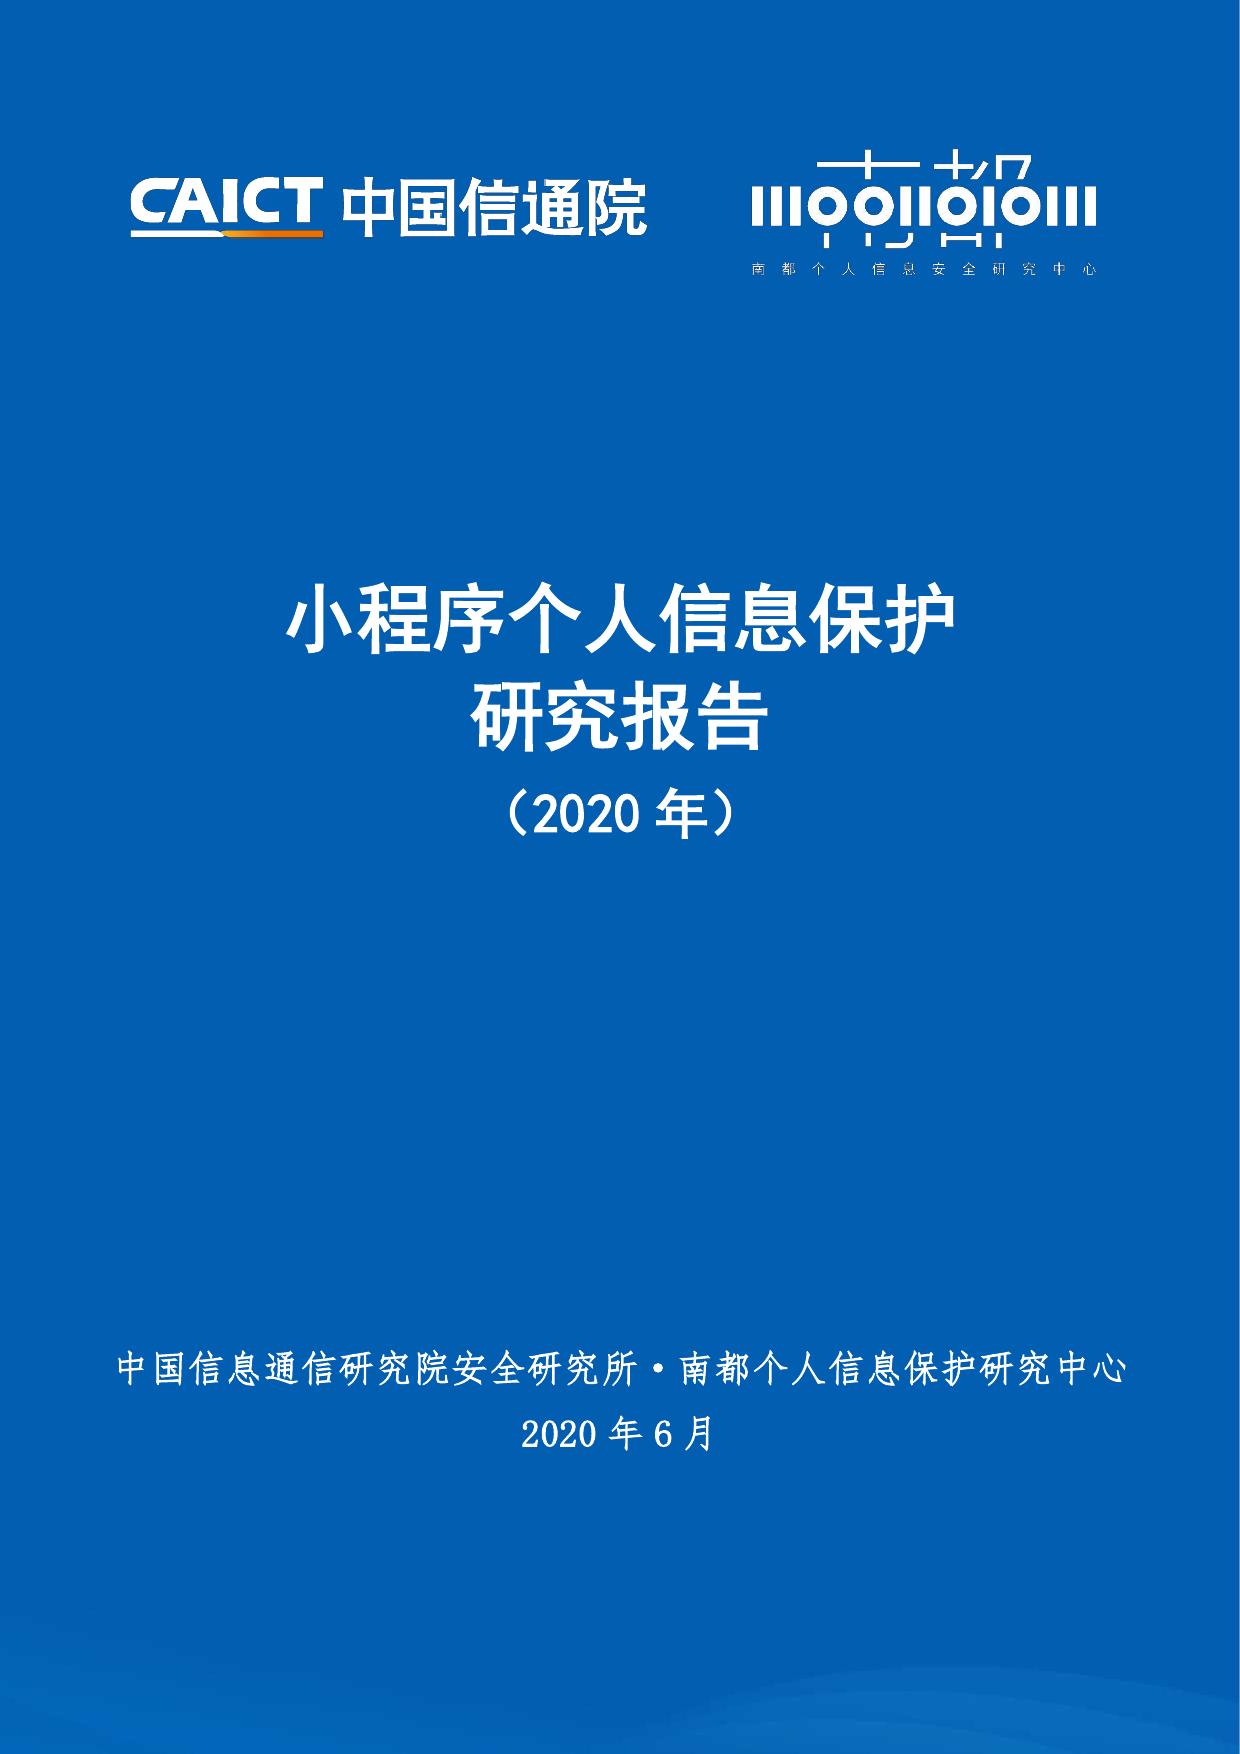 中国信通院:2020年小程序个人信息保护研究报告(附下载)